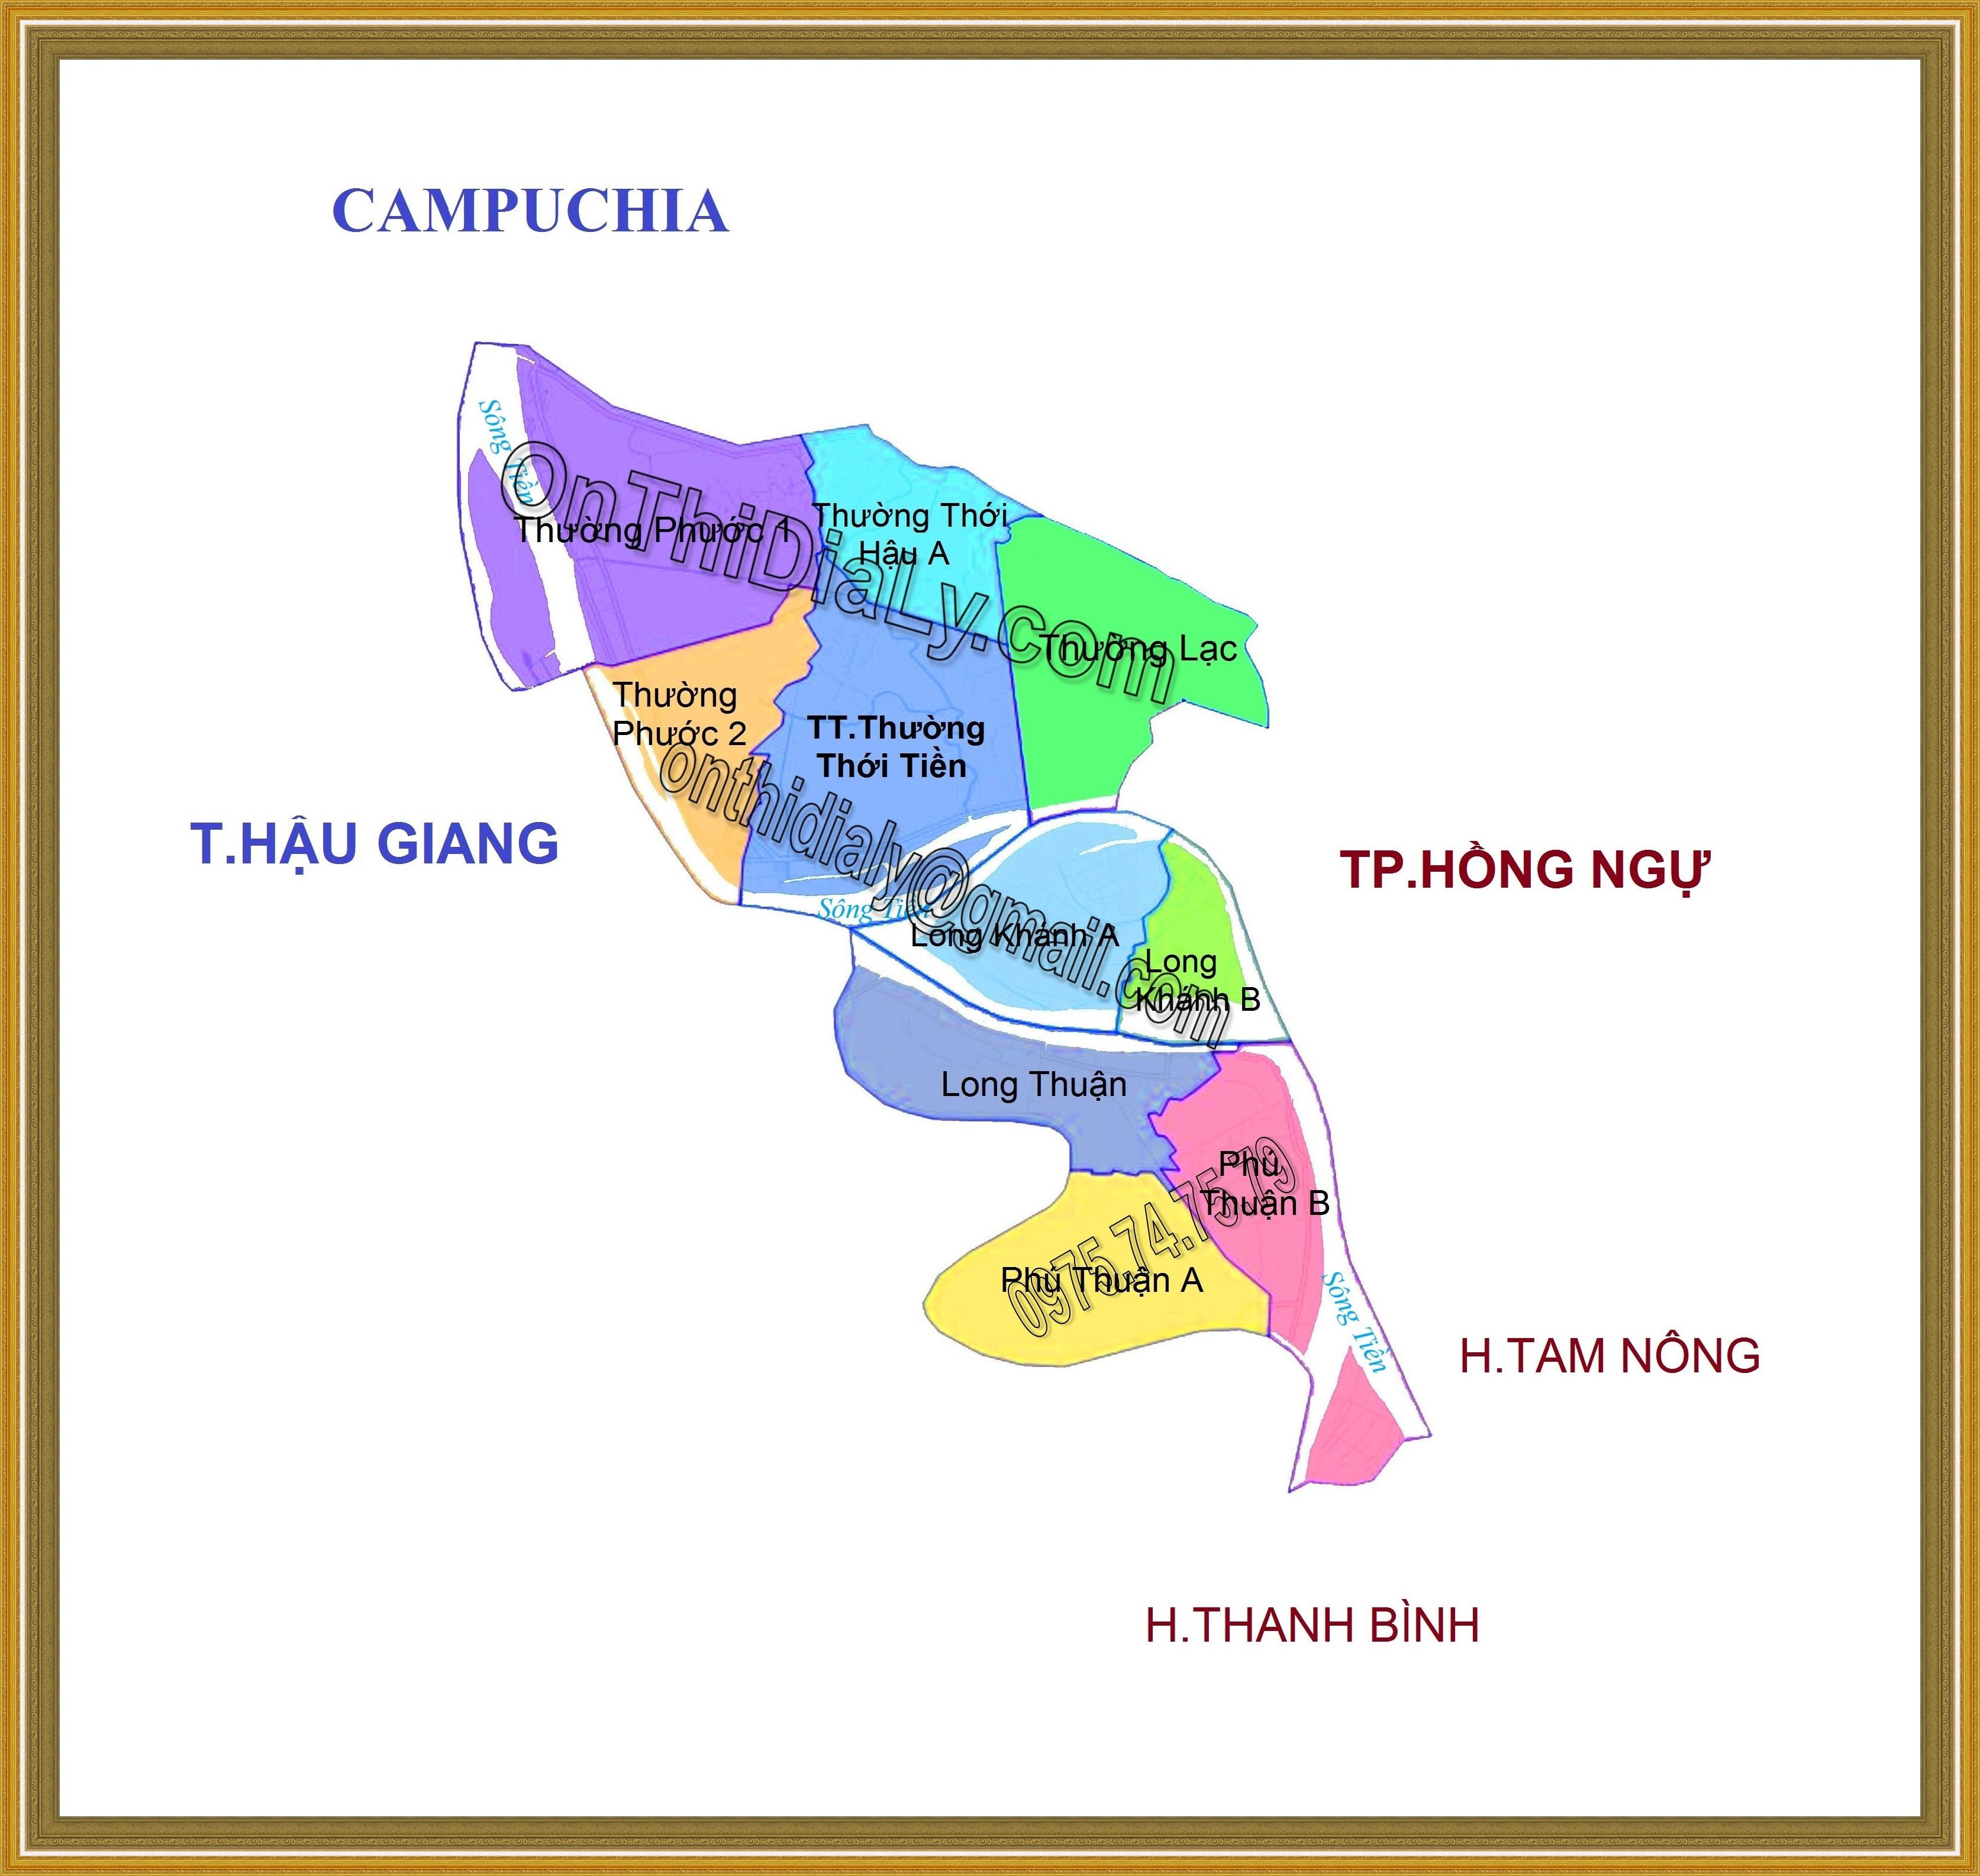 Hong Ngu - Dong Thap 5